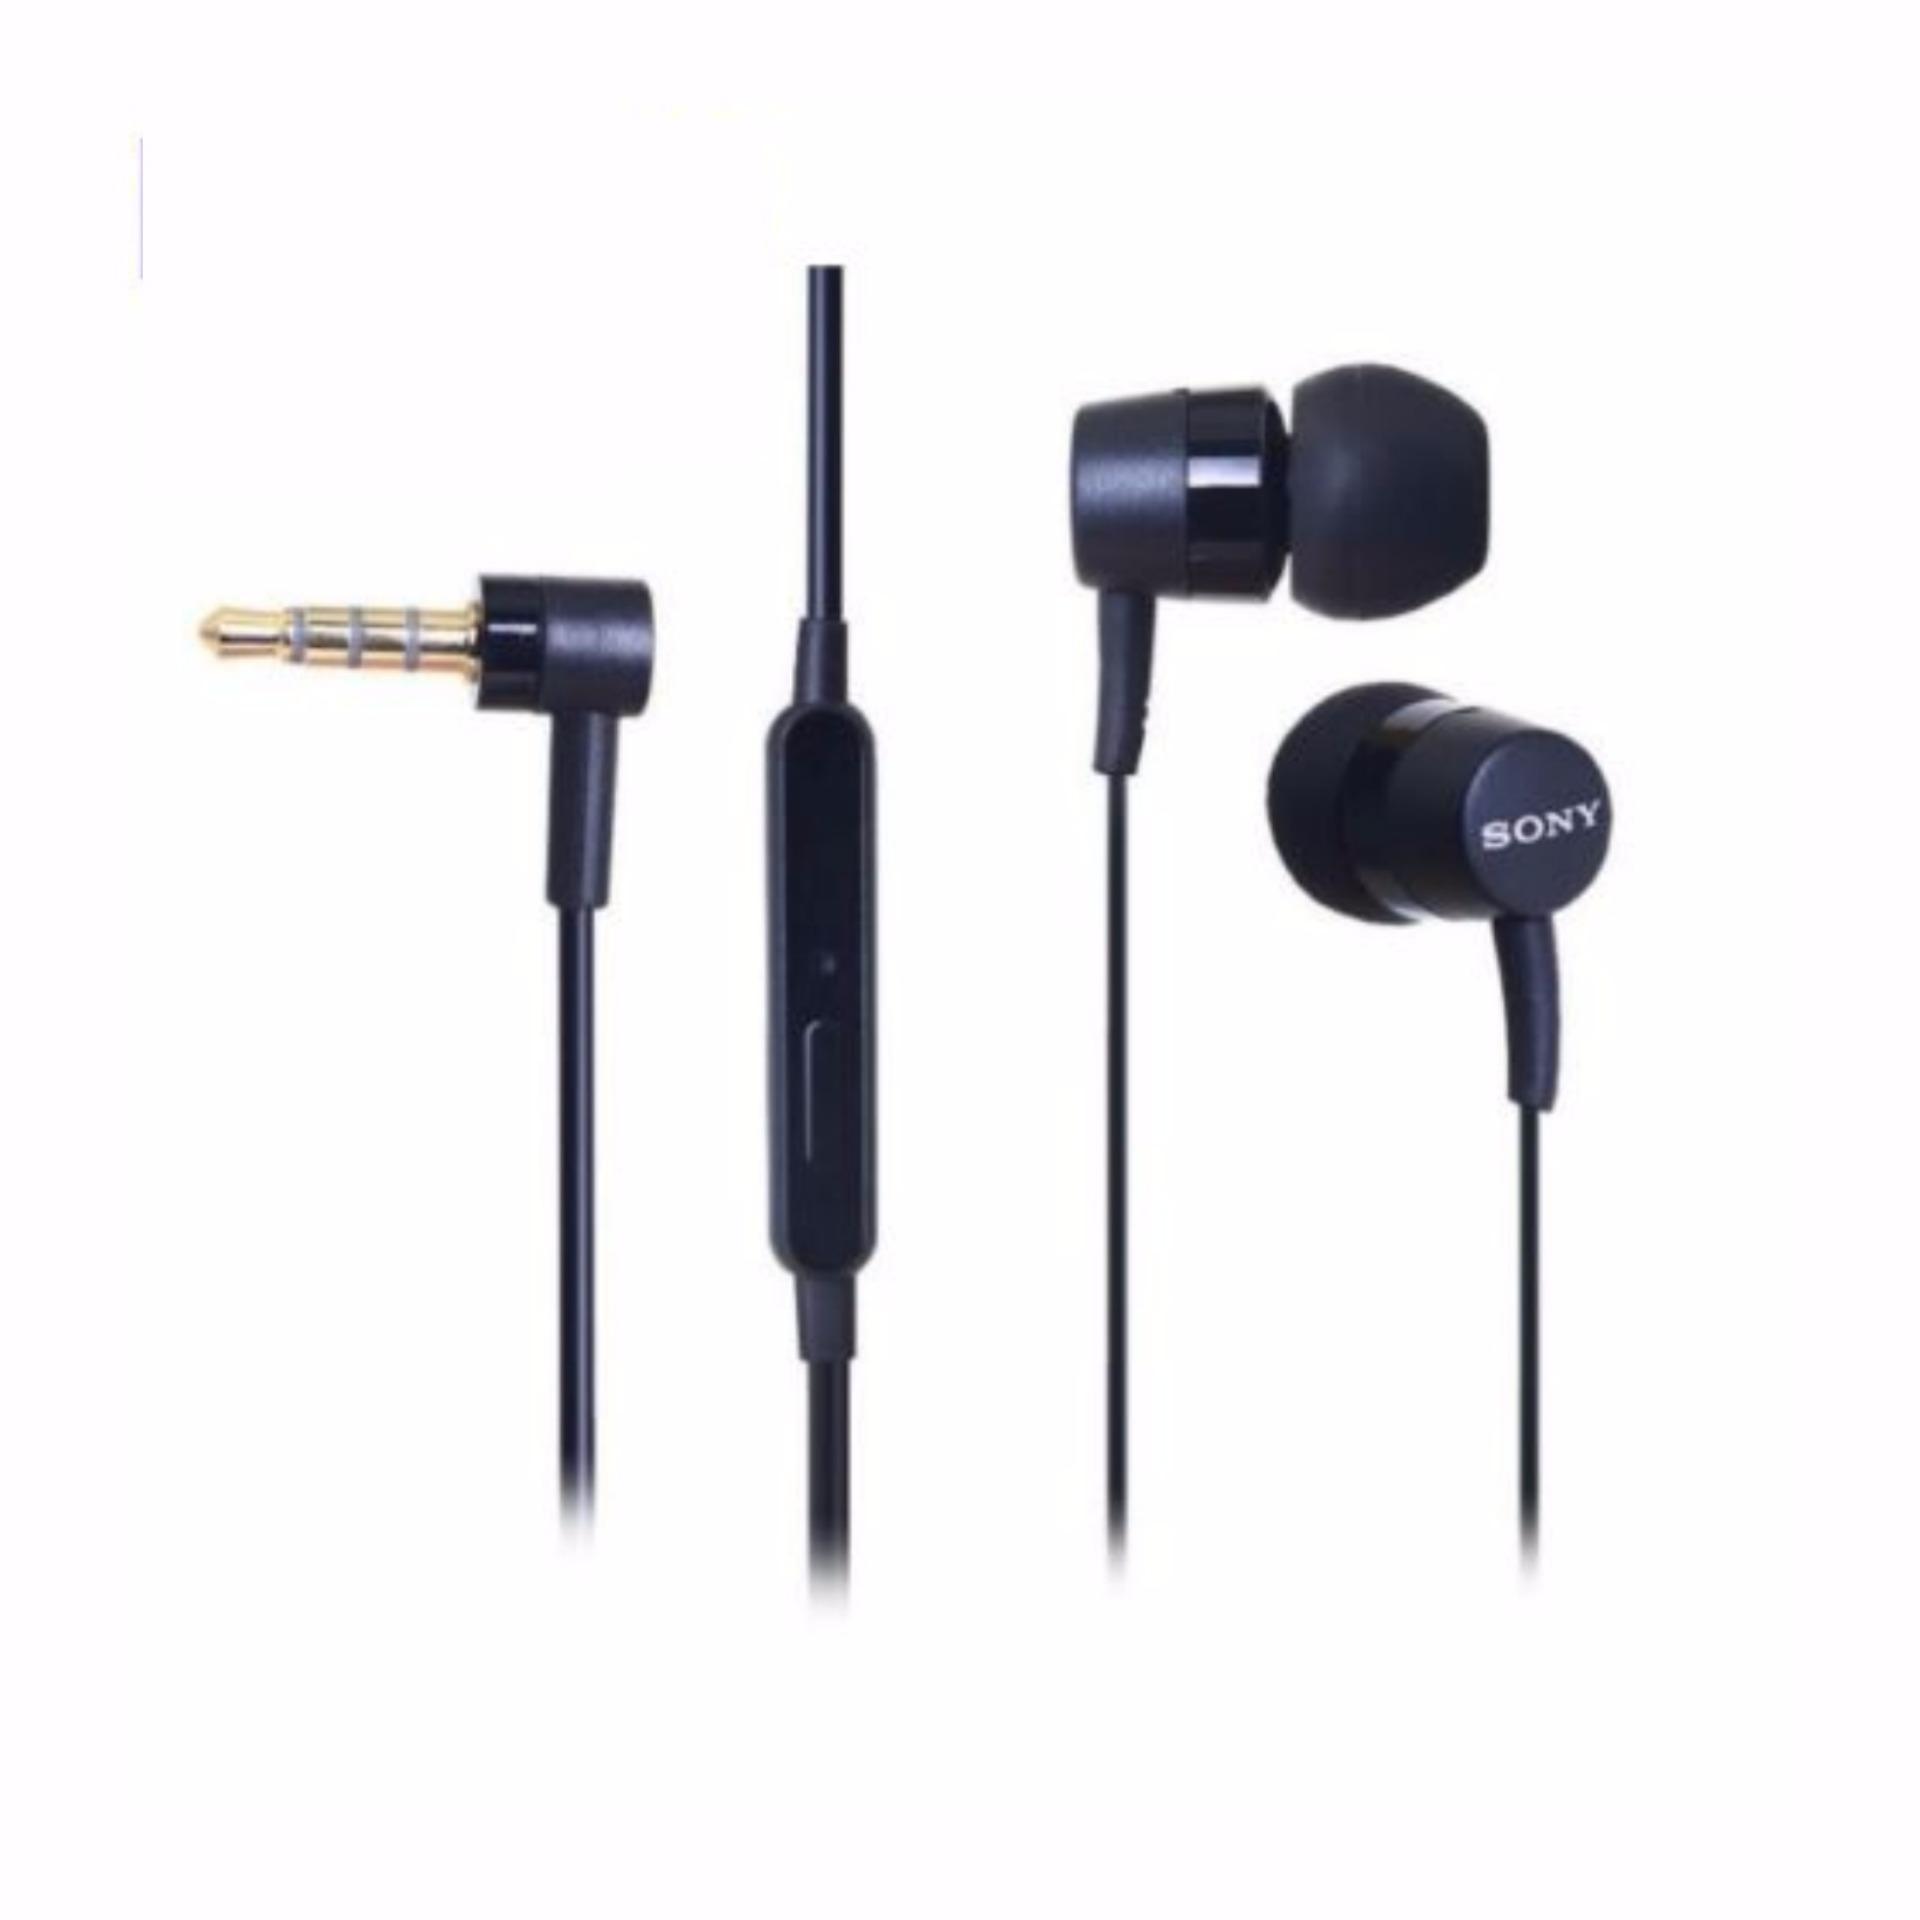 Eshop Checker Sony Xperia Headset Hansfree Mh750 Music Call Super Ear Bass